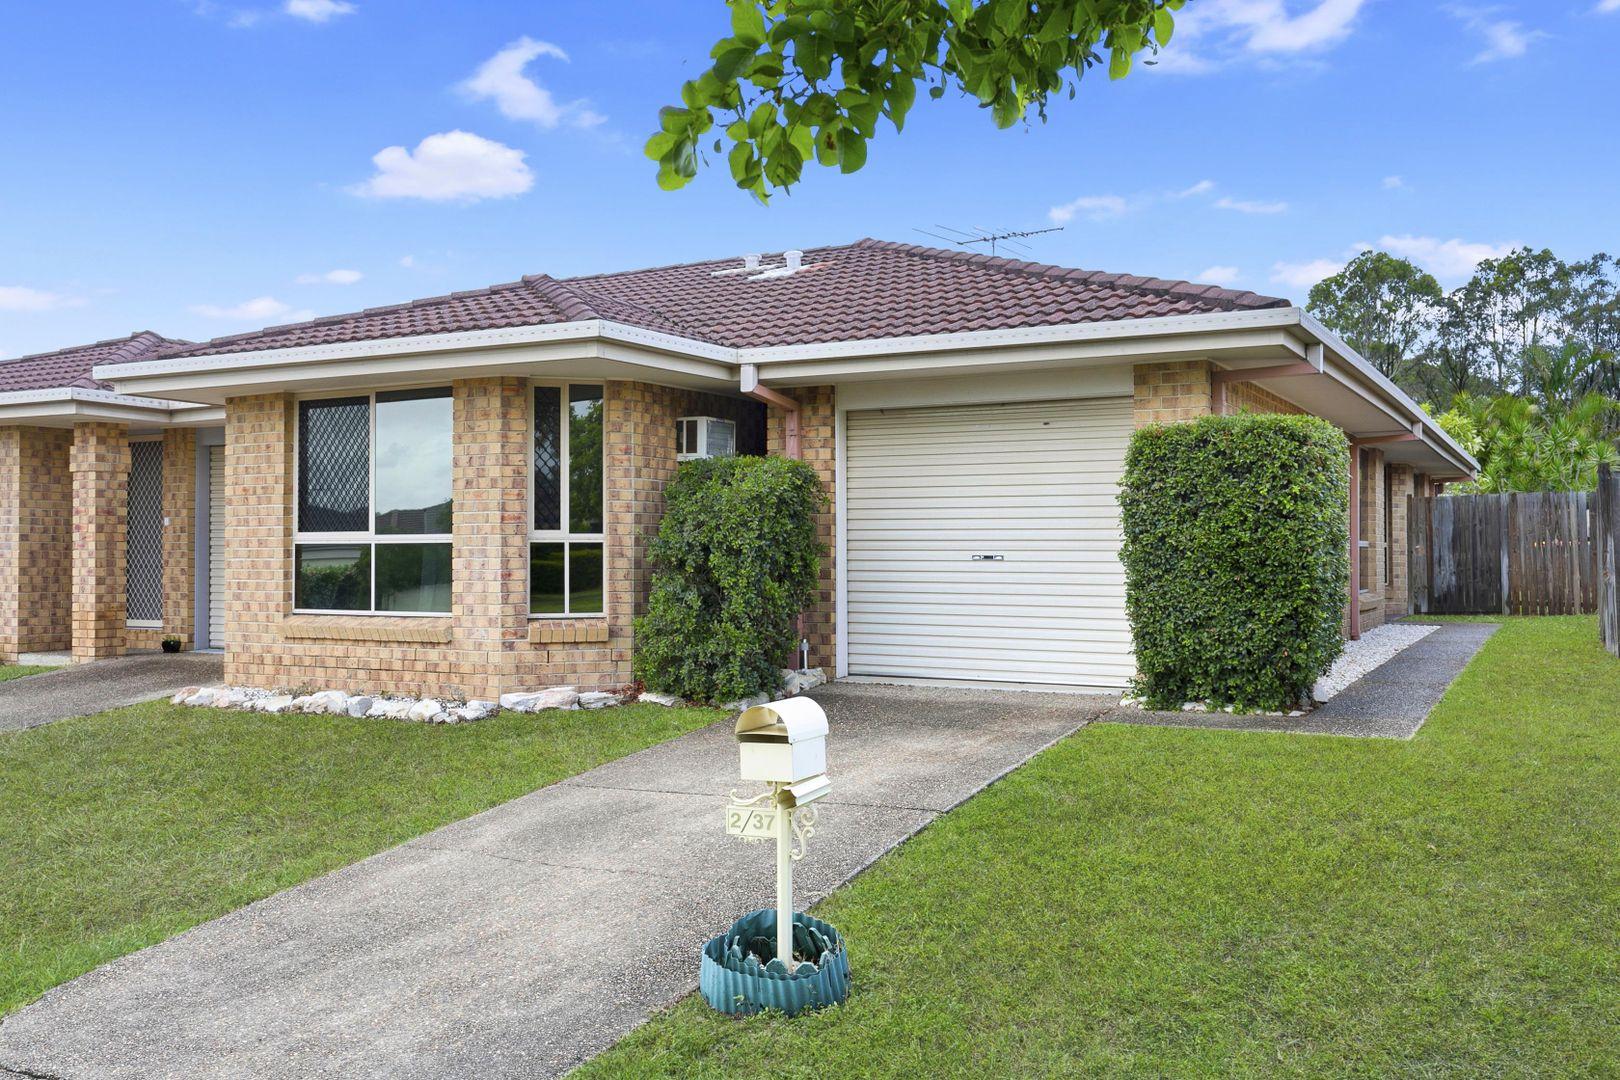 2/37 Denning Road, Bracken Ridge QLD 4017, Image 0